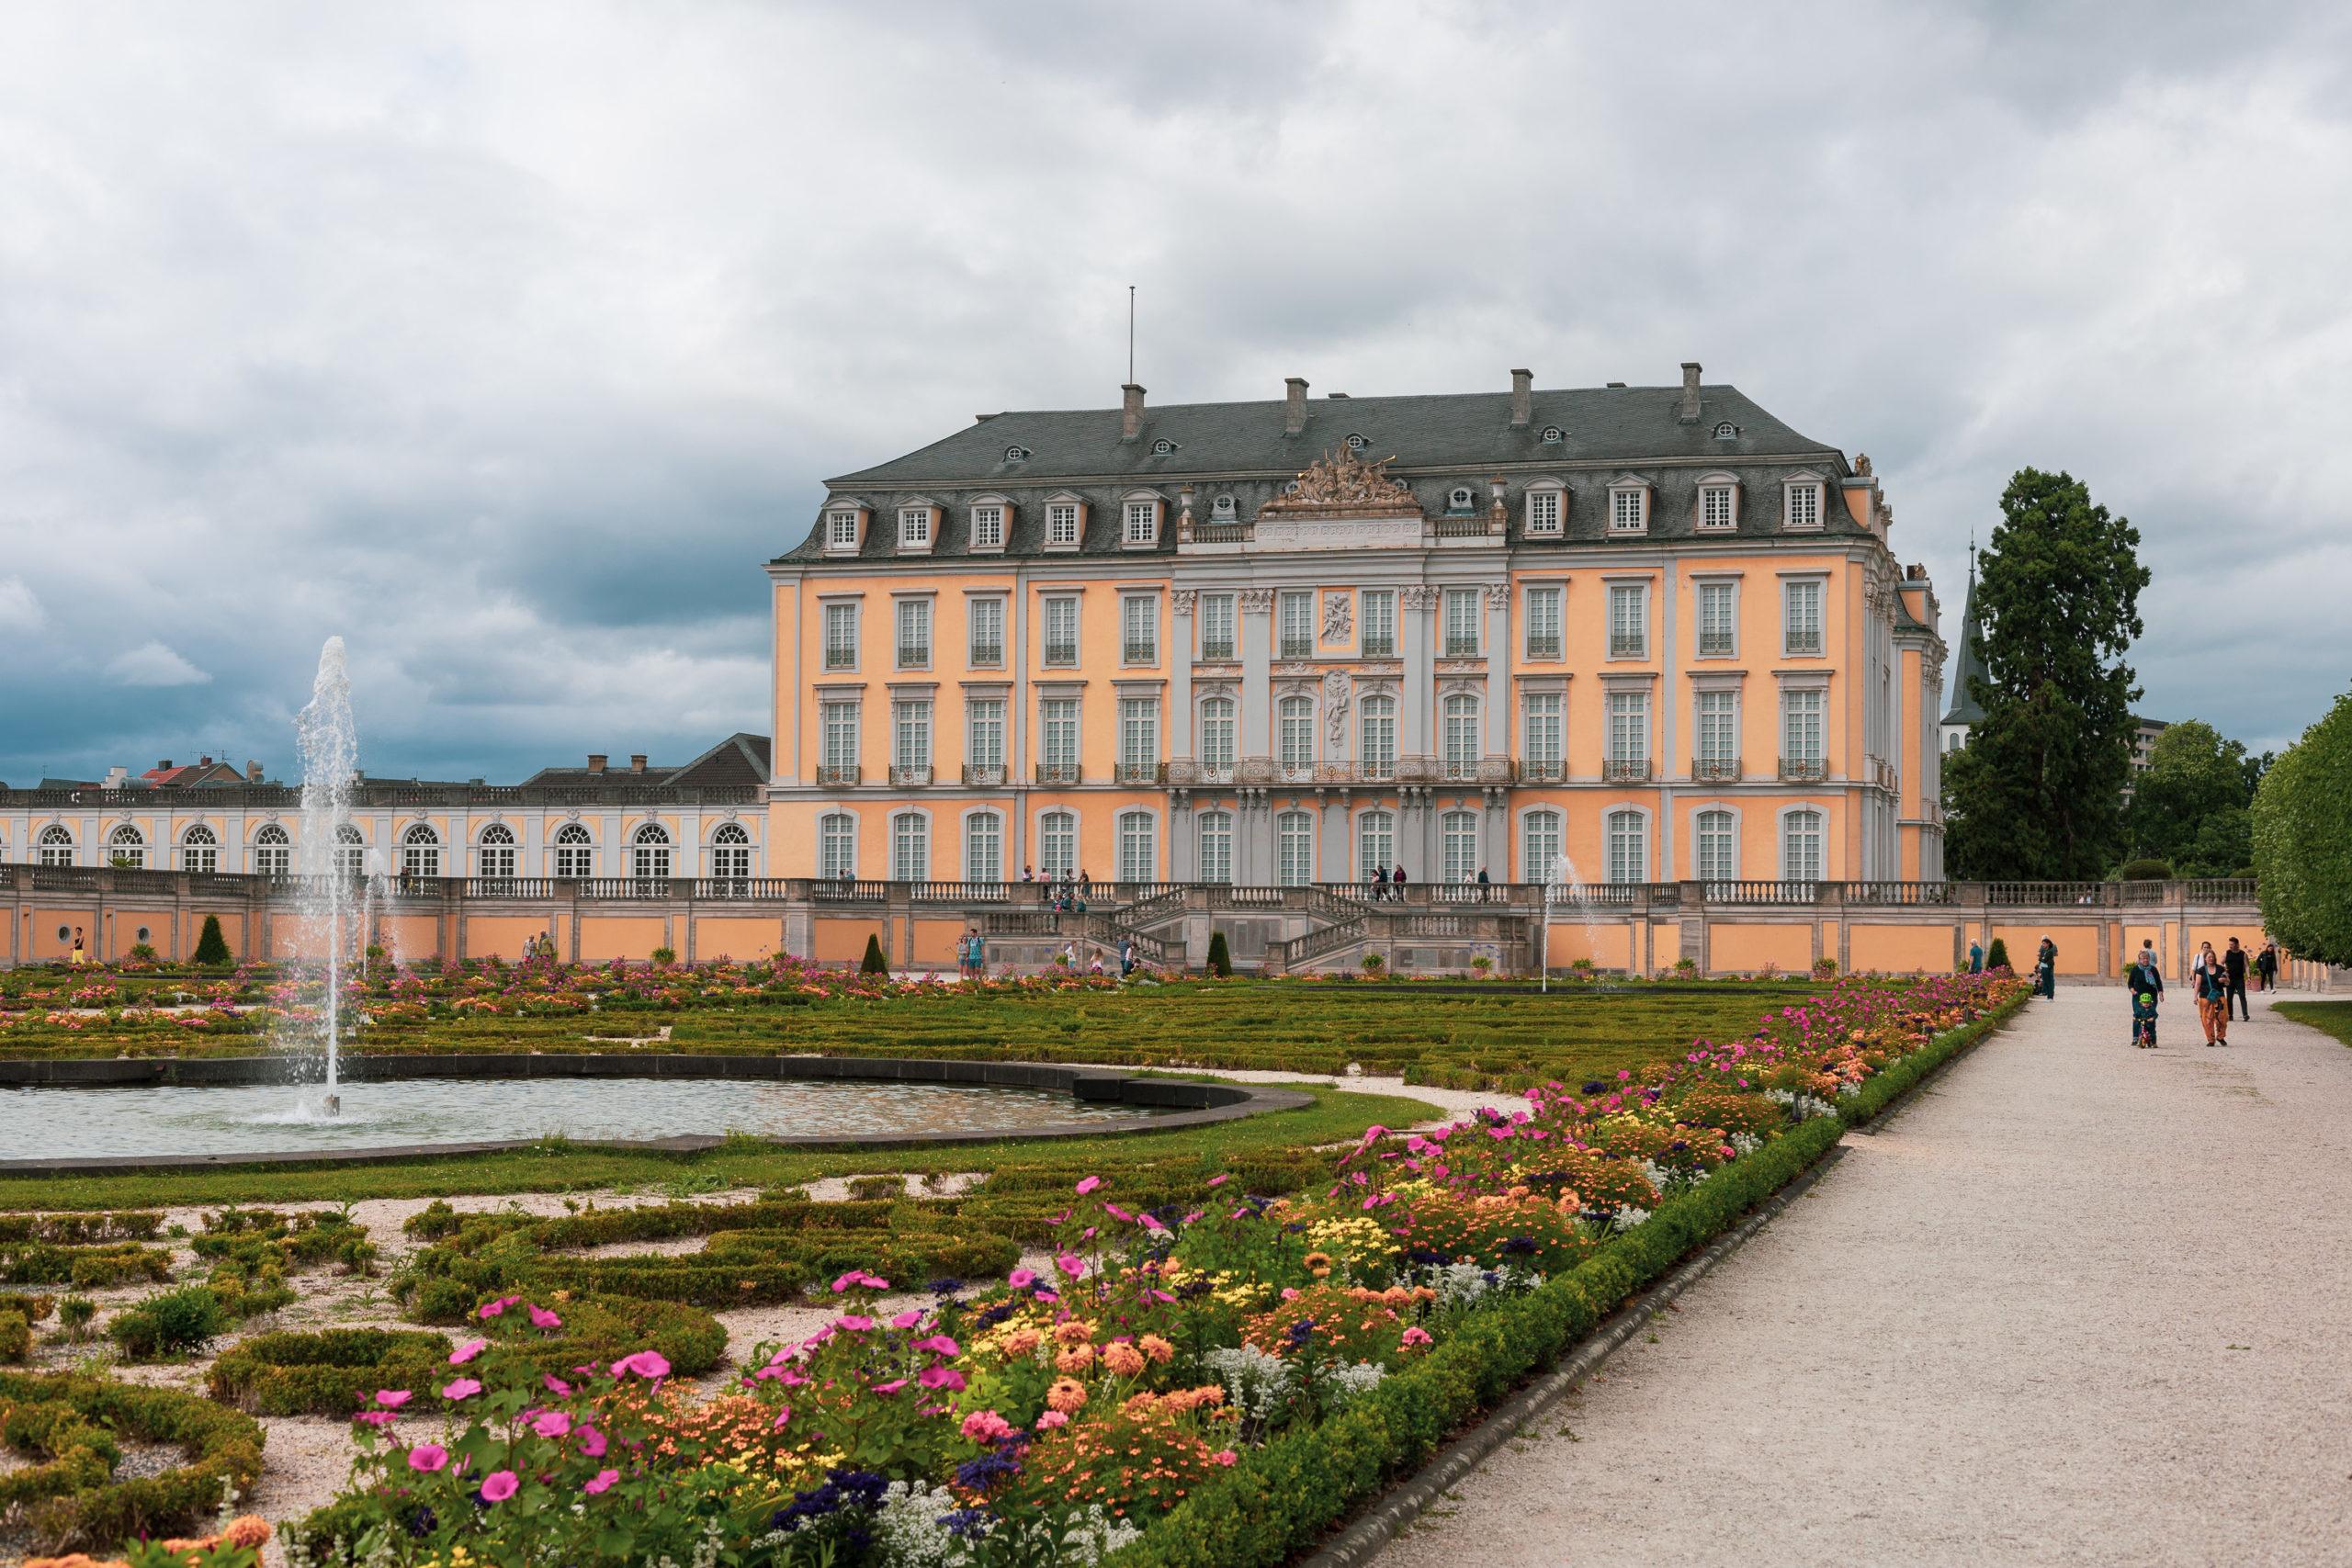 Ein großes, kaisergelbes Schloss mit vier Stockwerken (aber ohne Türme). Davor ein opulenter Garten mit allerlei bunten Blumen und einem großen Springbrunnen.